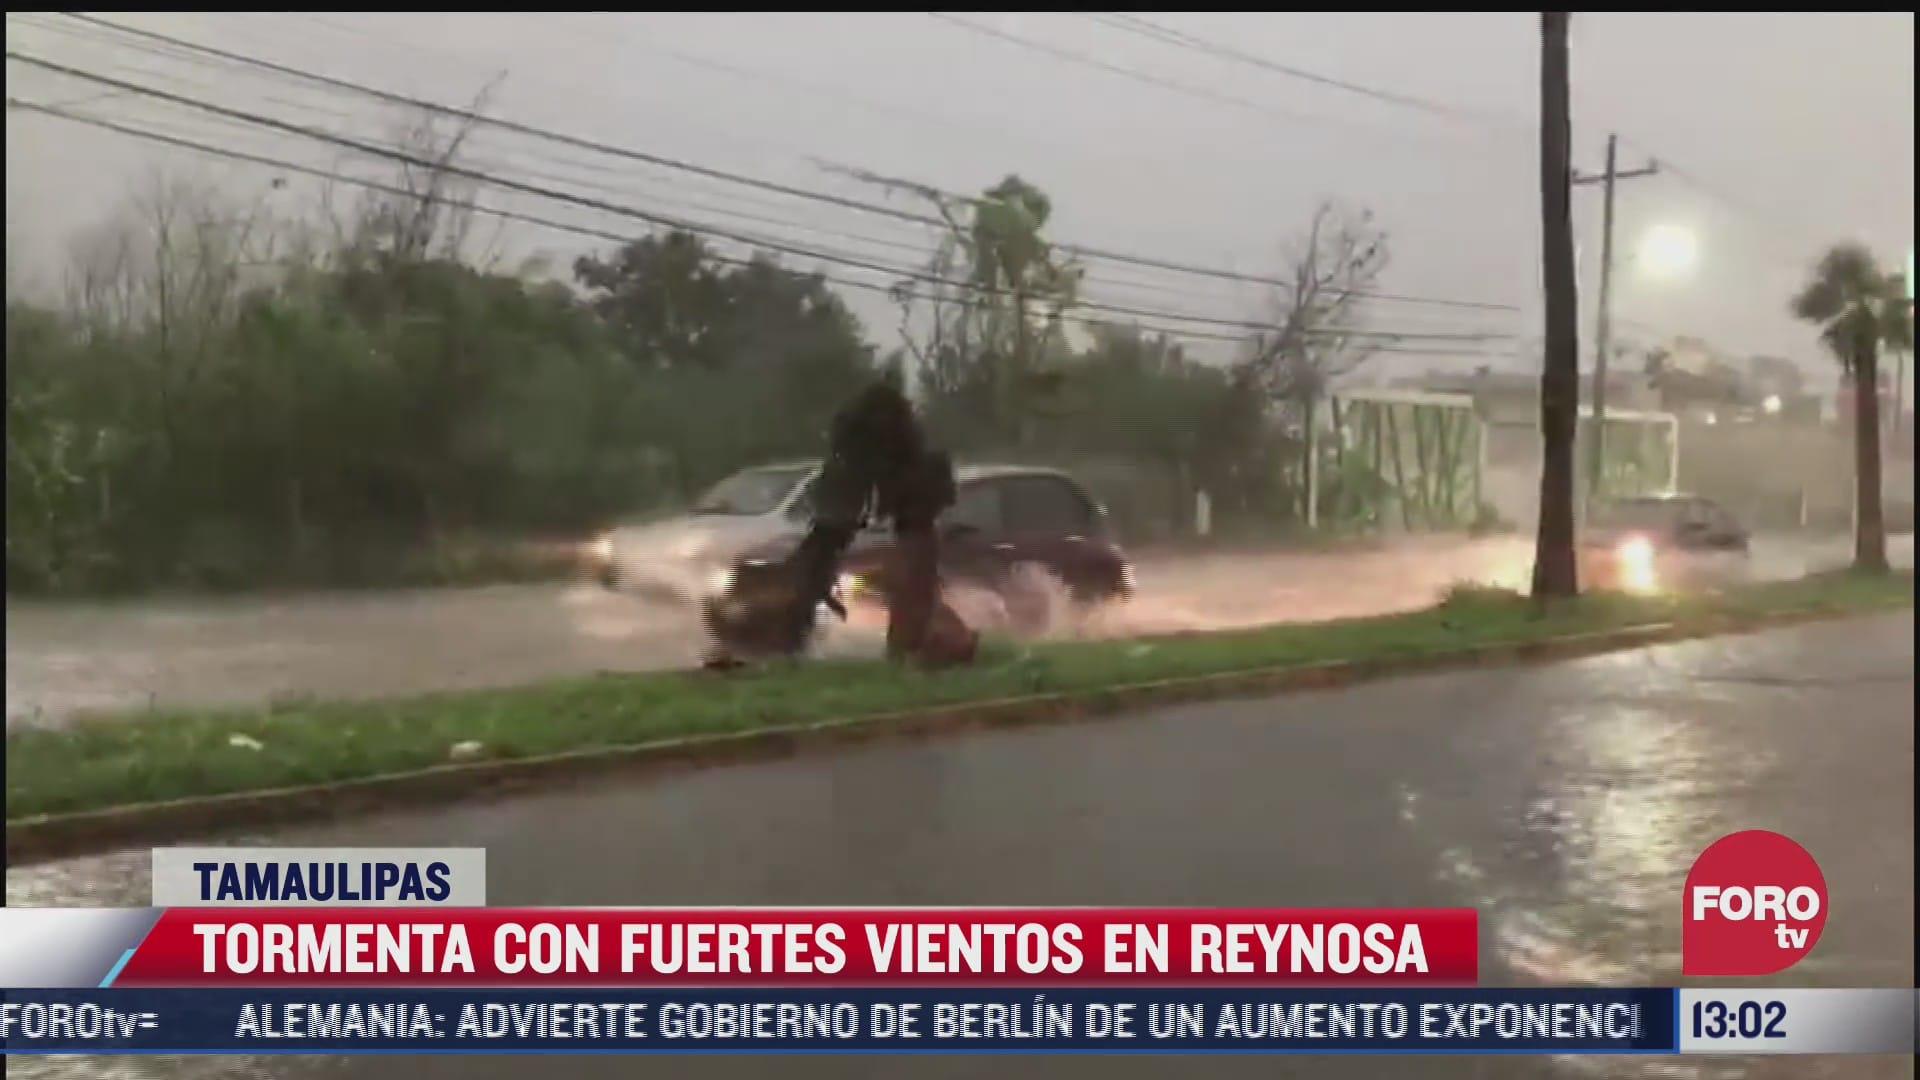 tormenta con fuertes vientos provoca encharcamientos en reynosa tamaulipas